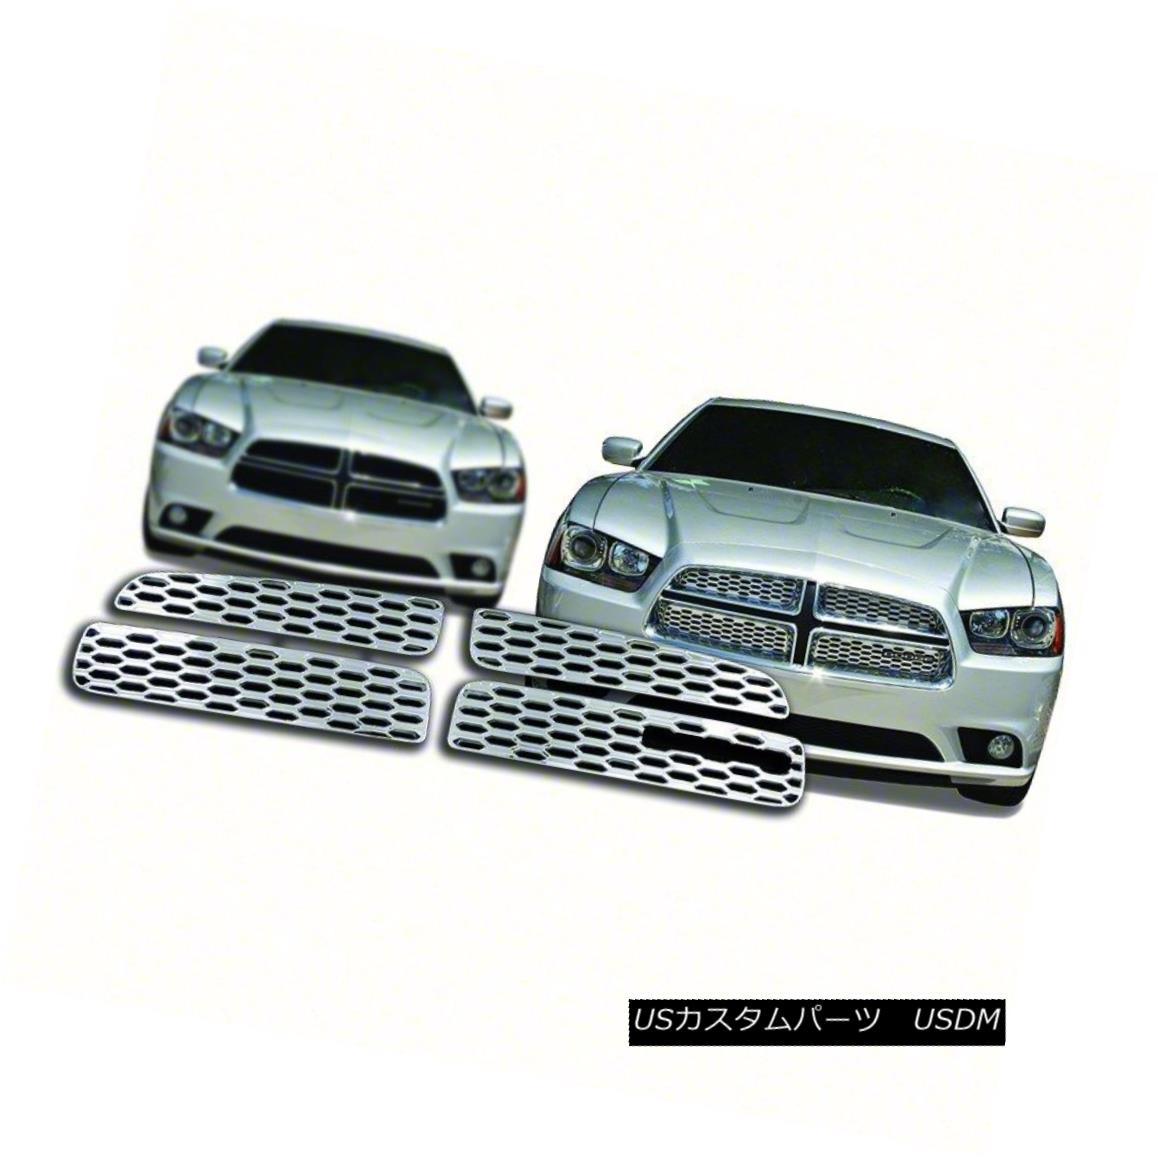 グリル Fits 12-14 Dodge Charger IWCGI95- 4pc Chrome Grille Overlay 12-14ダッジチャージャーに適合IWCGI95-4pcクロームグリルオーバーレイ